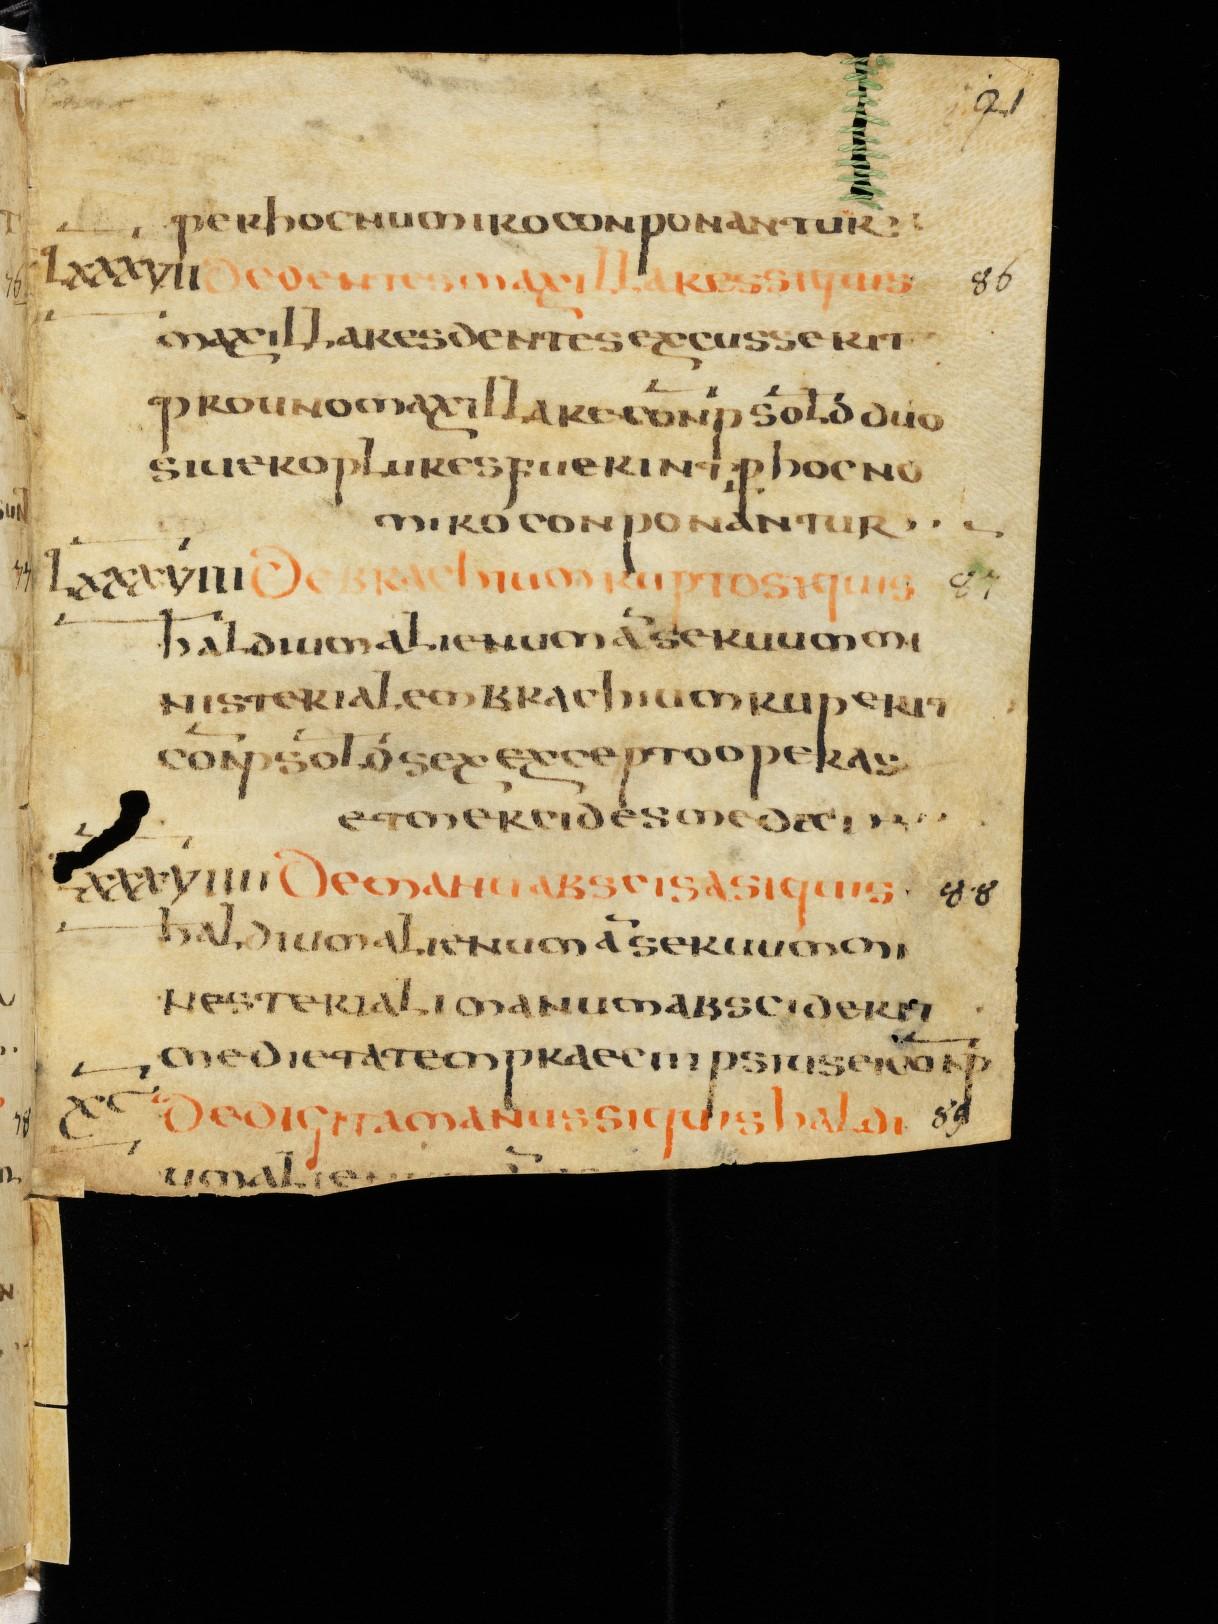 Cod. Sang. 730, p. 21